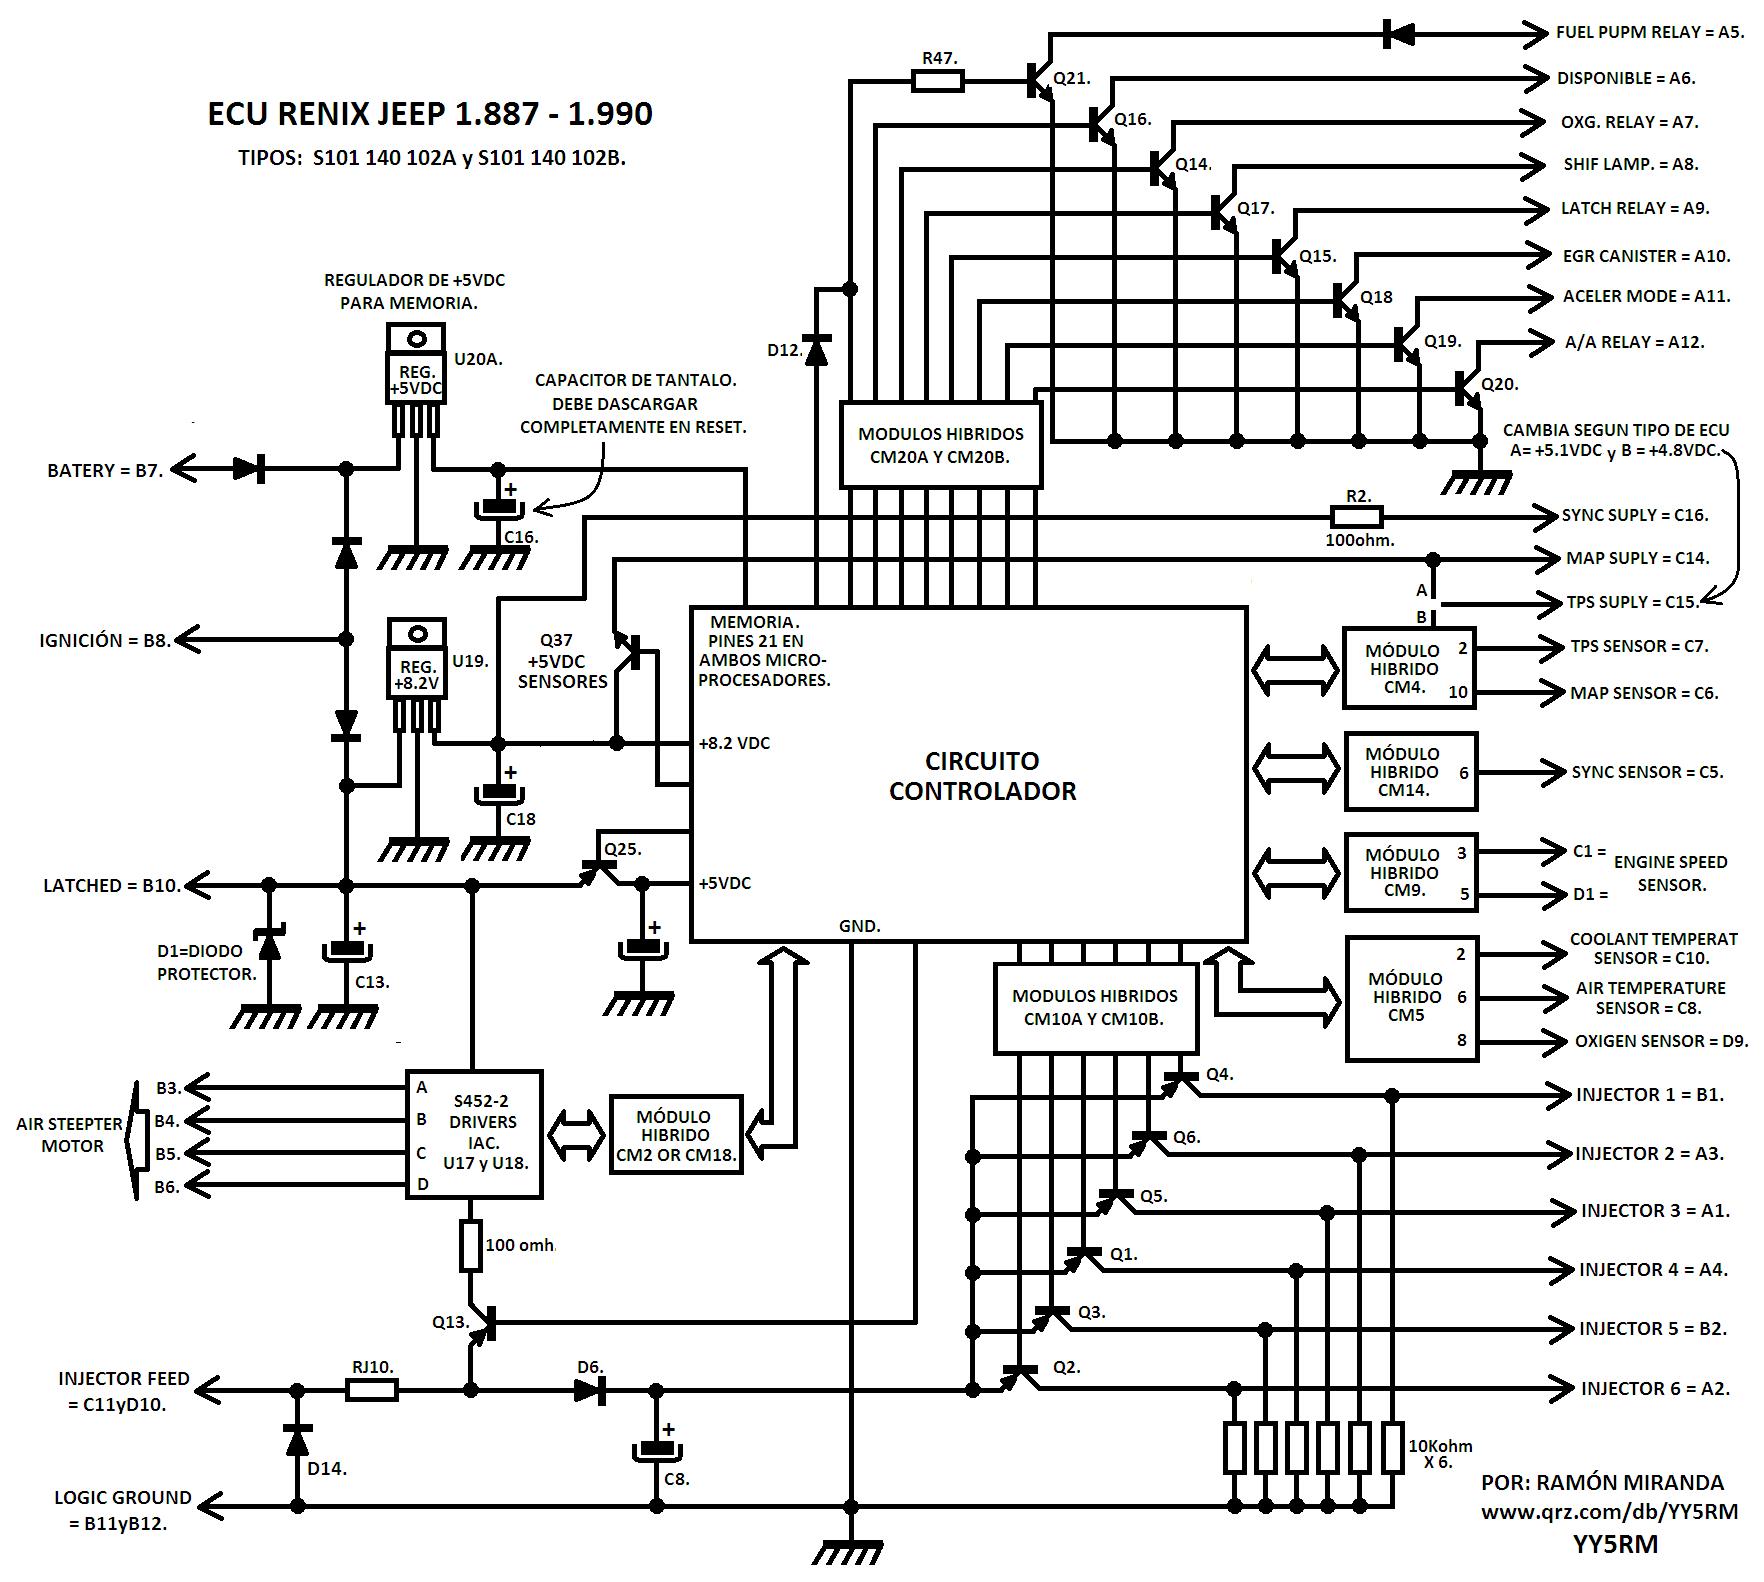 Imágenes, diagramas y archivo del sitema Renix Jeep XJ 88-90.